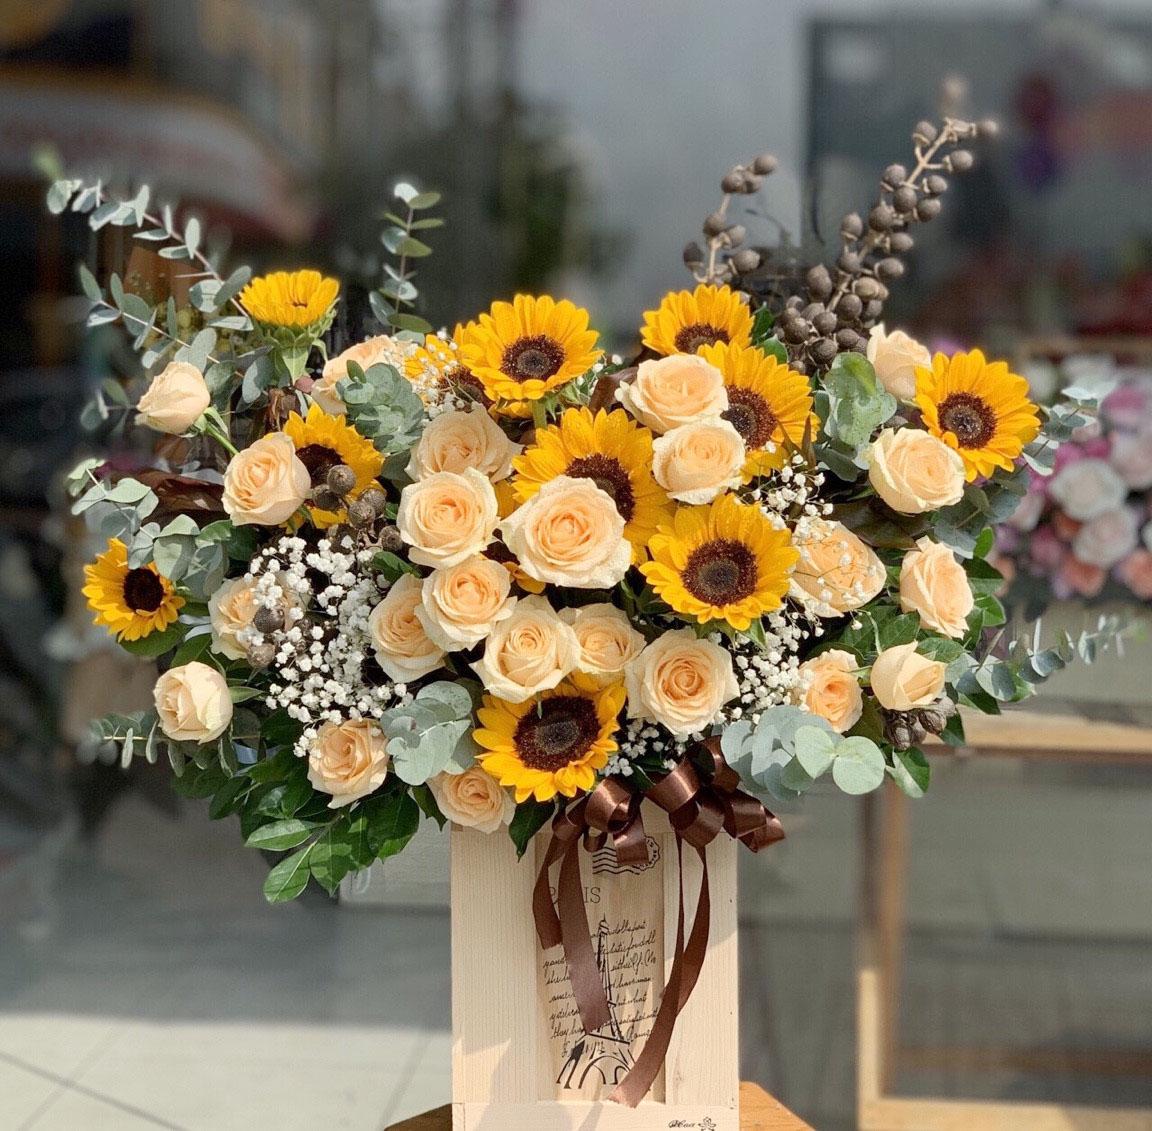 Lẵng hoa đẹp tặng thầy ngày 20-11